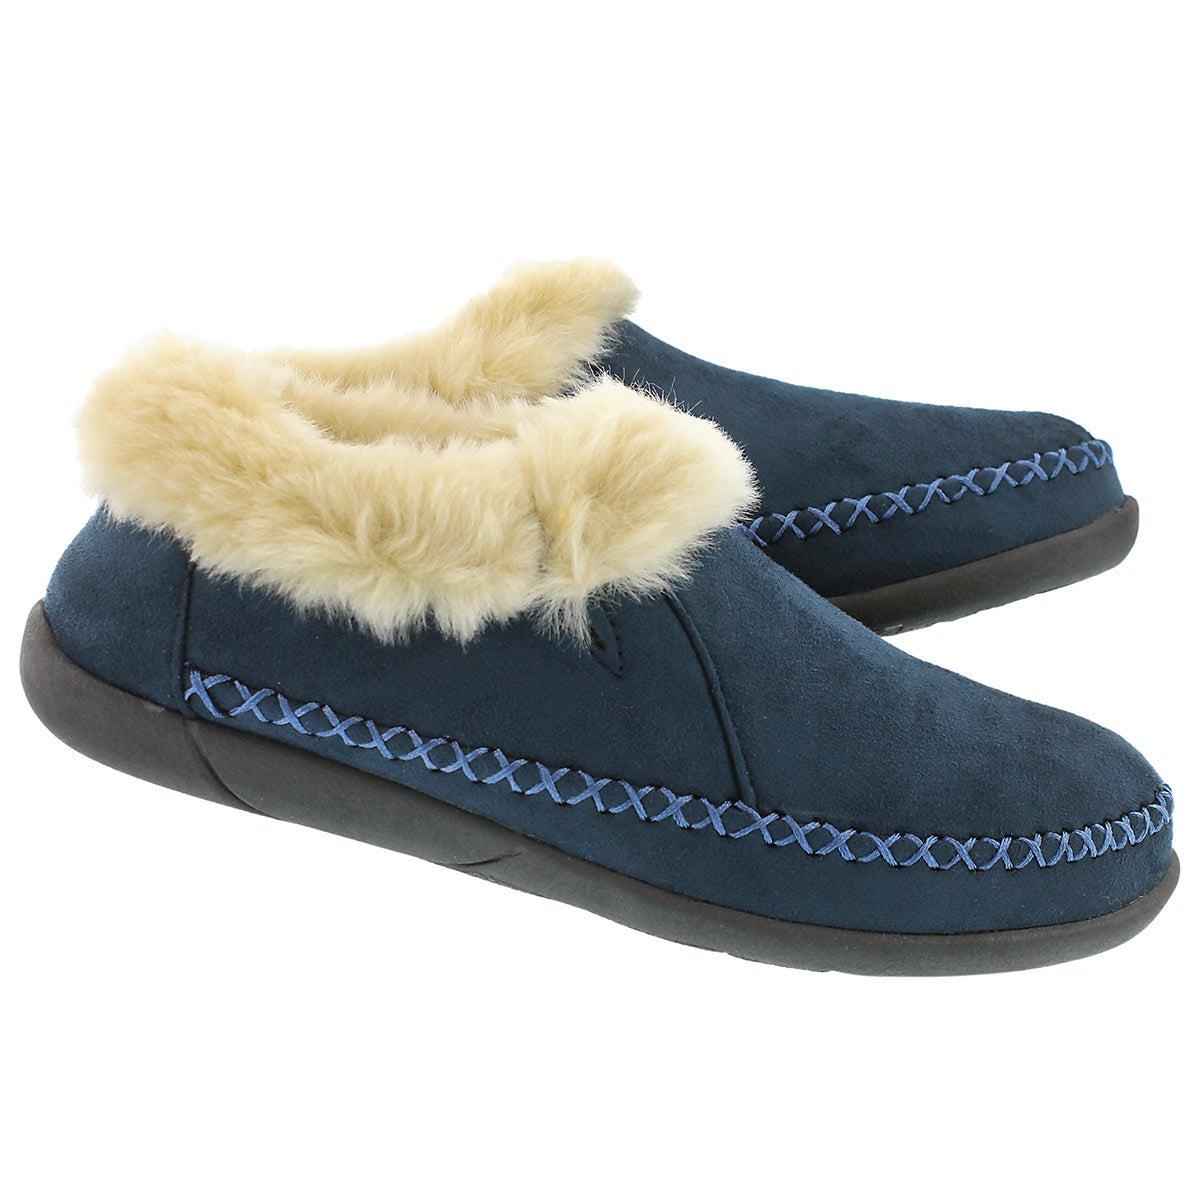 Lds Shae navy slip on bootie